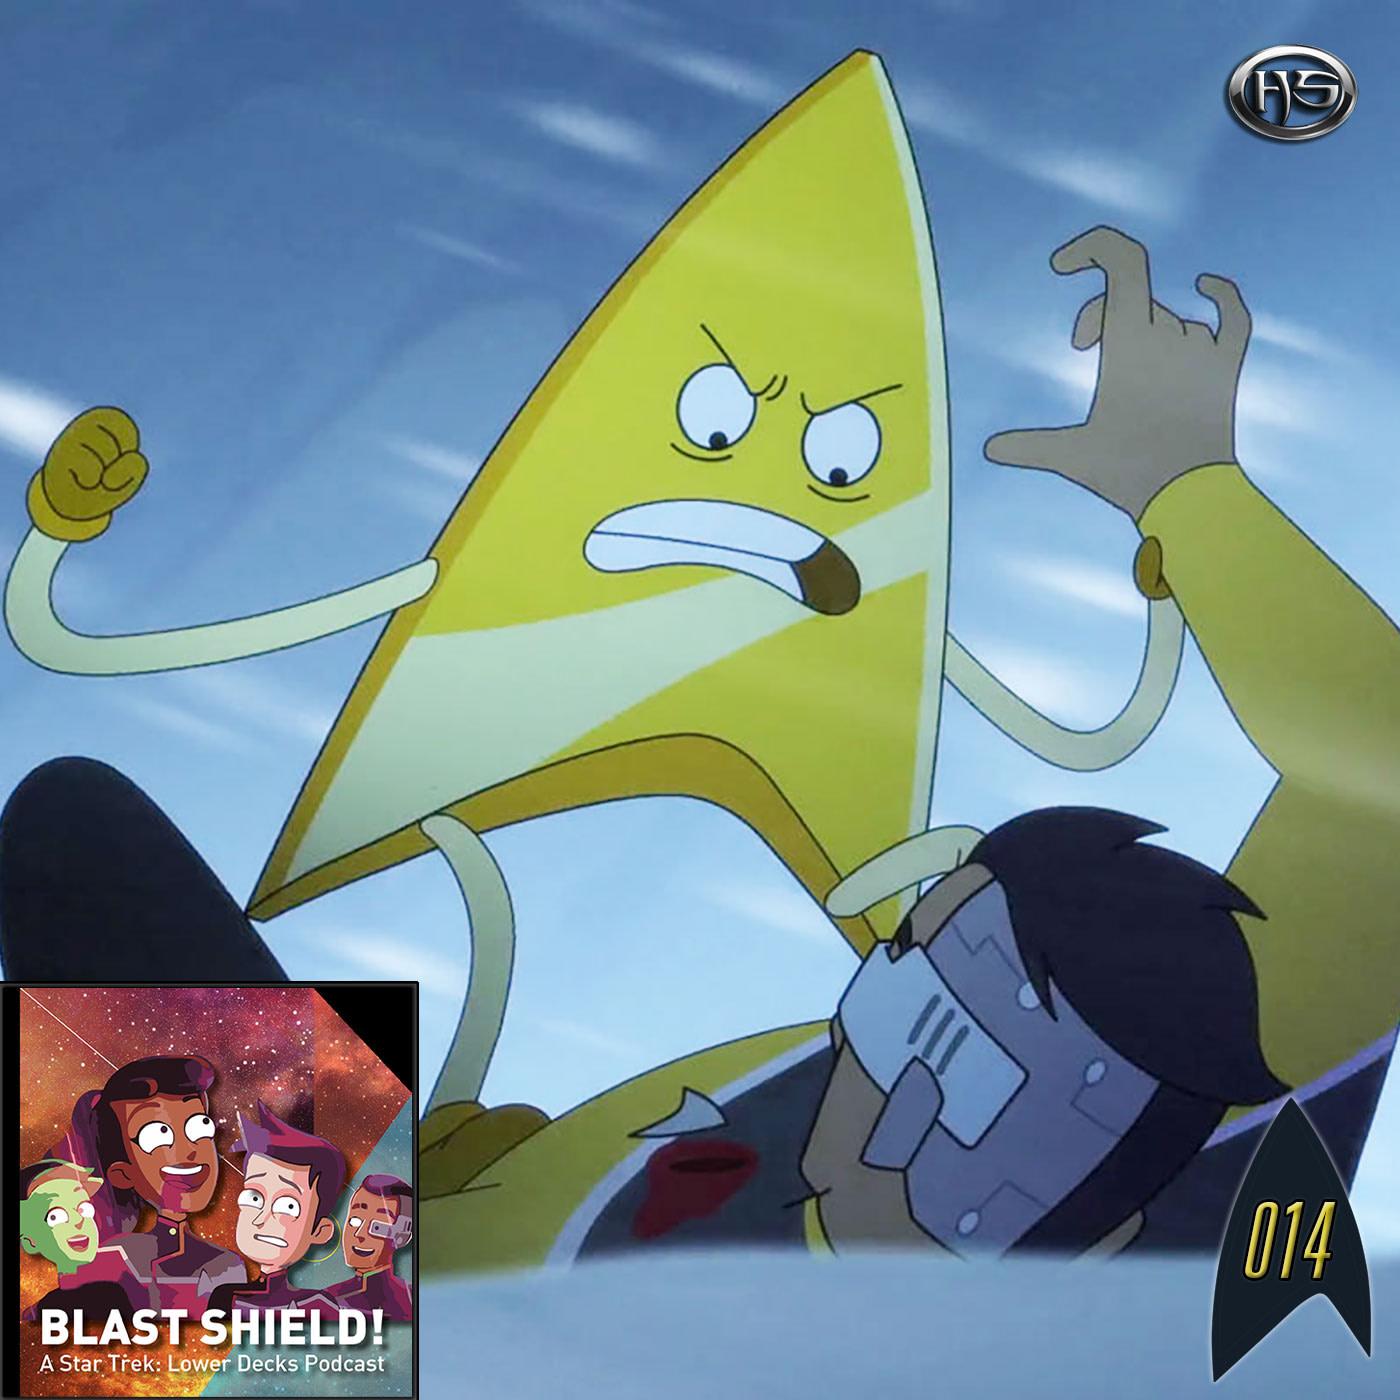 Blast Shield! Episode 14